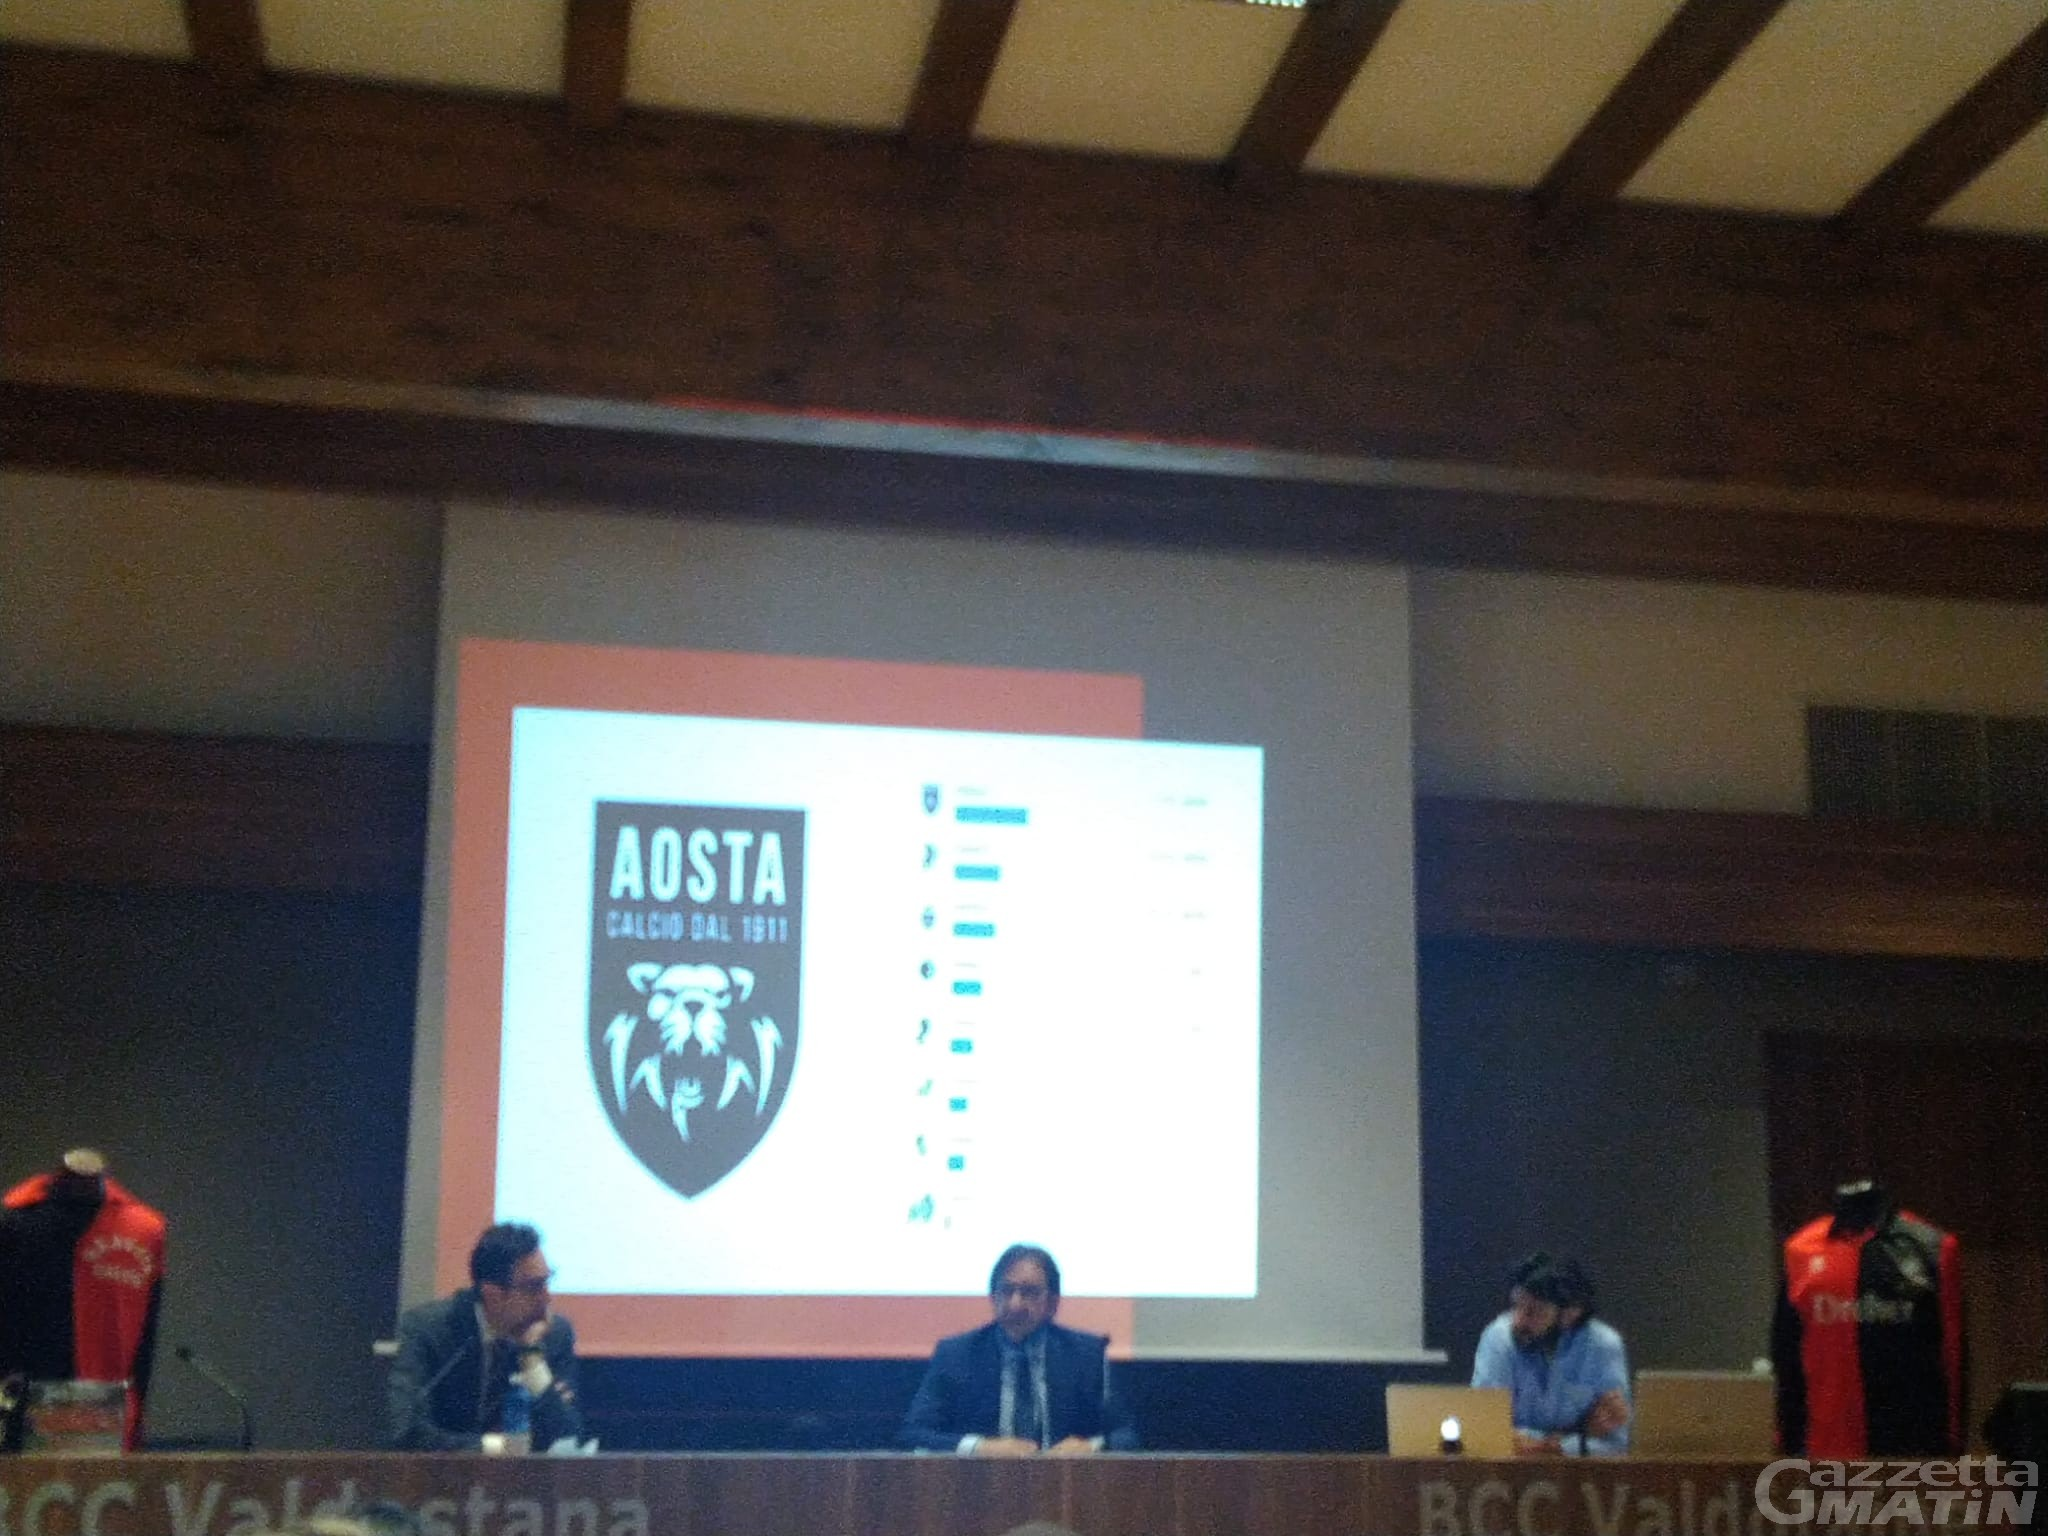 Quattro moschettieri e azionariato popolare per lanciare il nuovo VDA Aosta Calcio 1911